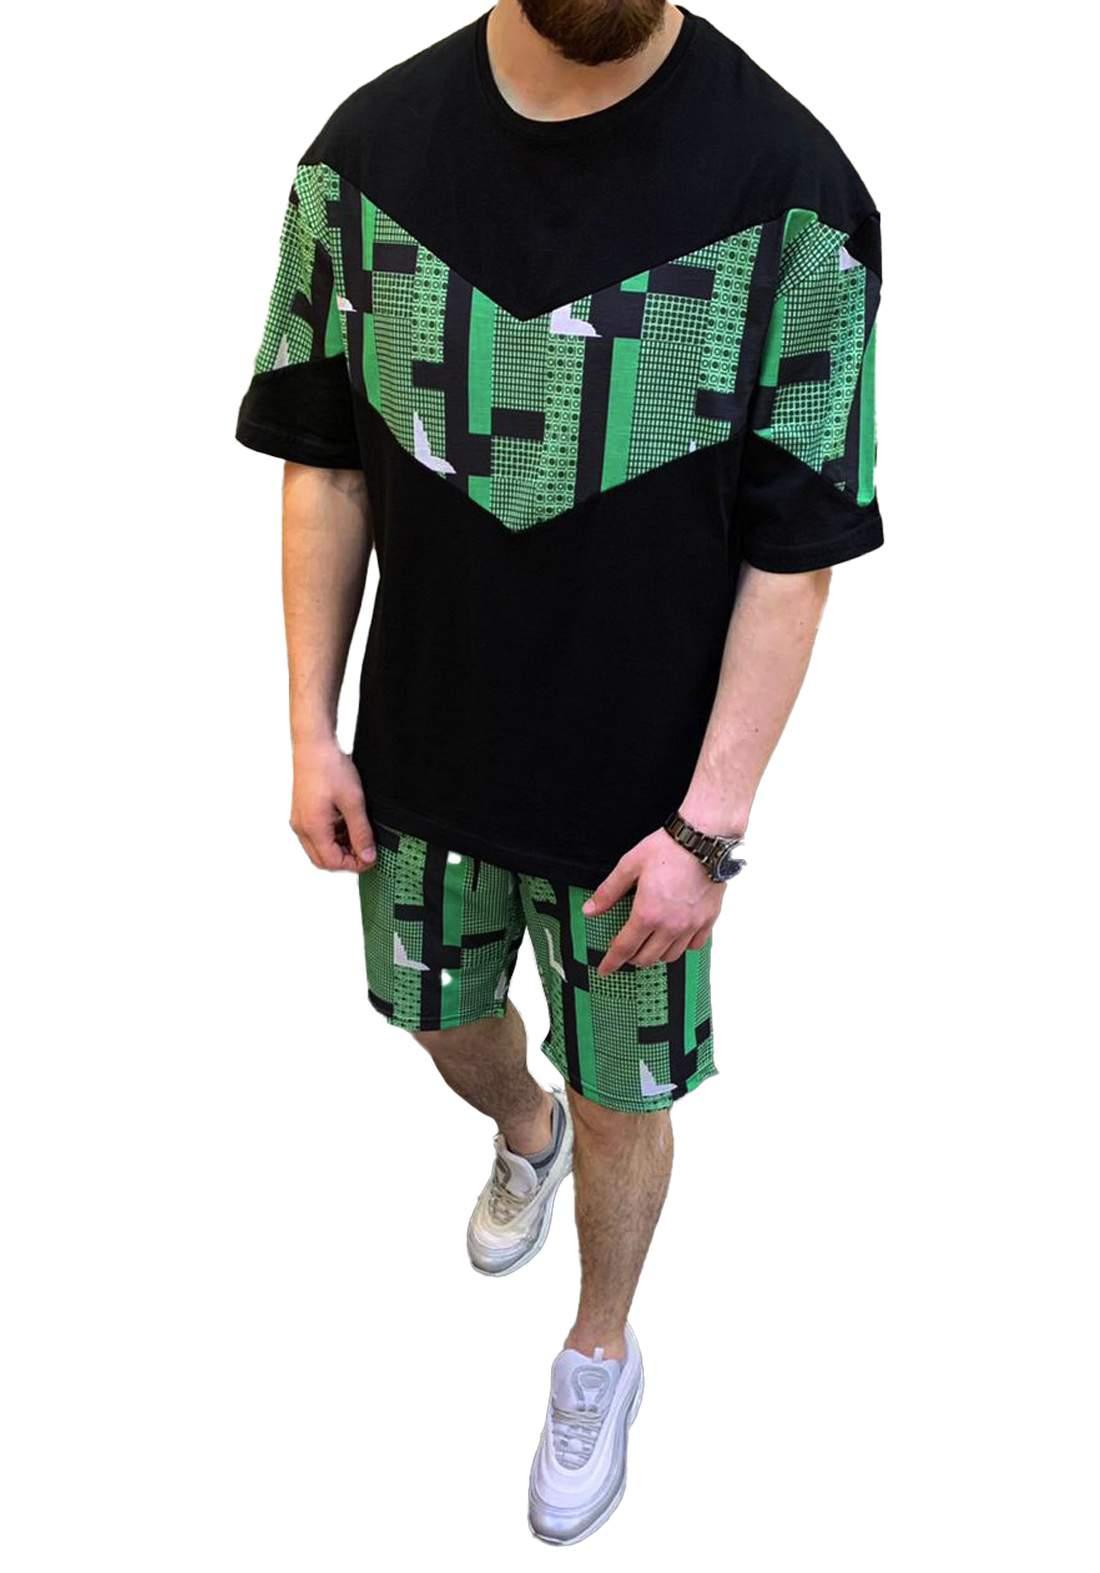 سيت شورت رجالي أسود وأخضر أللون